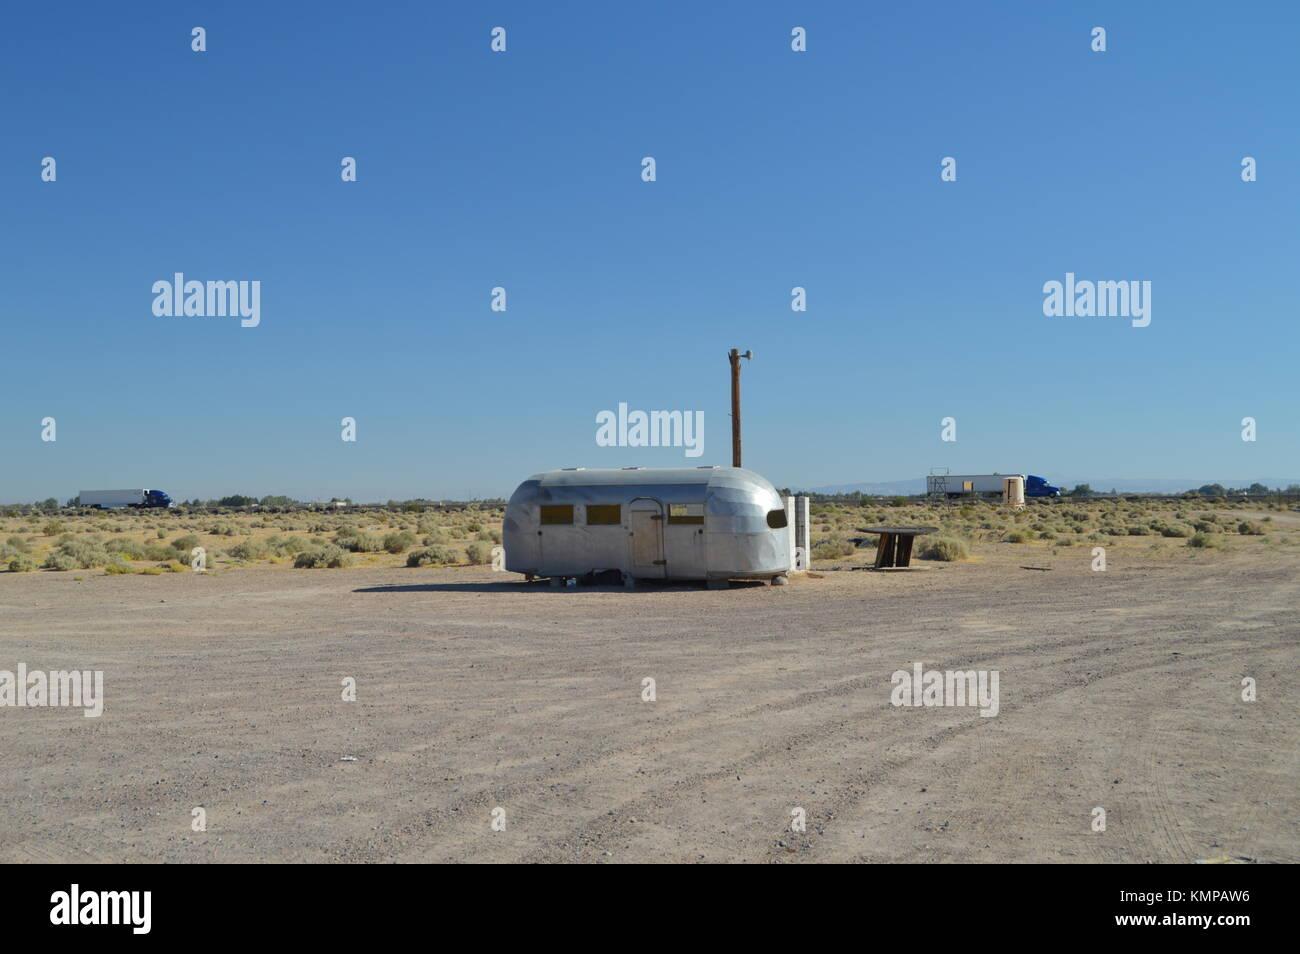 Caravane ancienne des années 60 sur la Route 66. Le 21 juin 2017. Californie, USA, Etats-Unis. Photo Stock